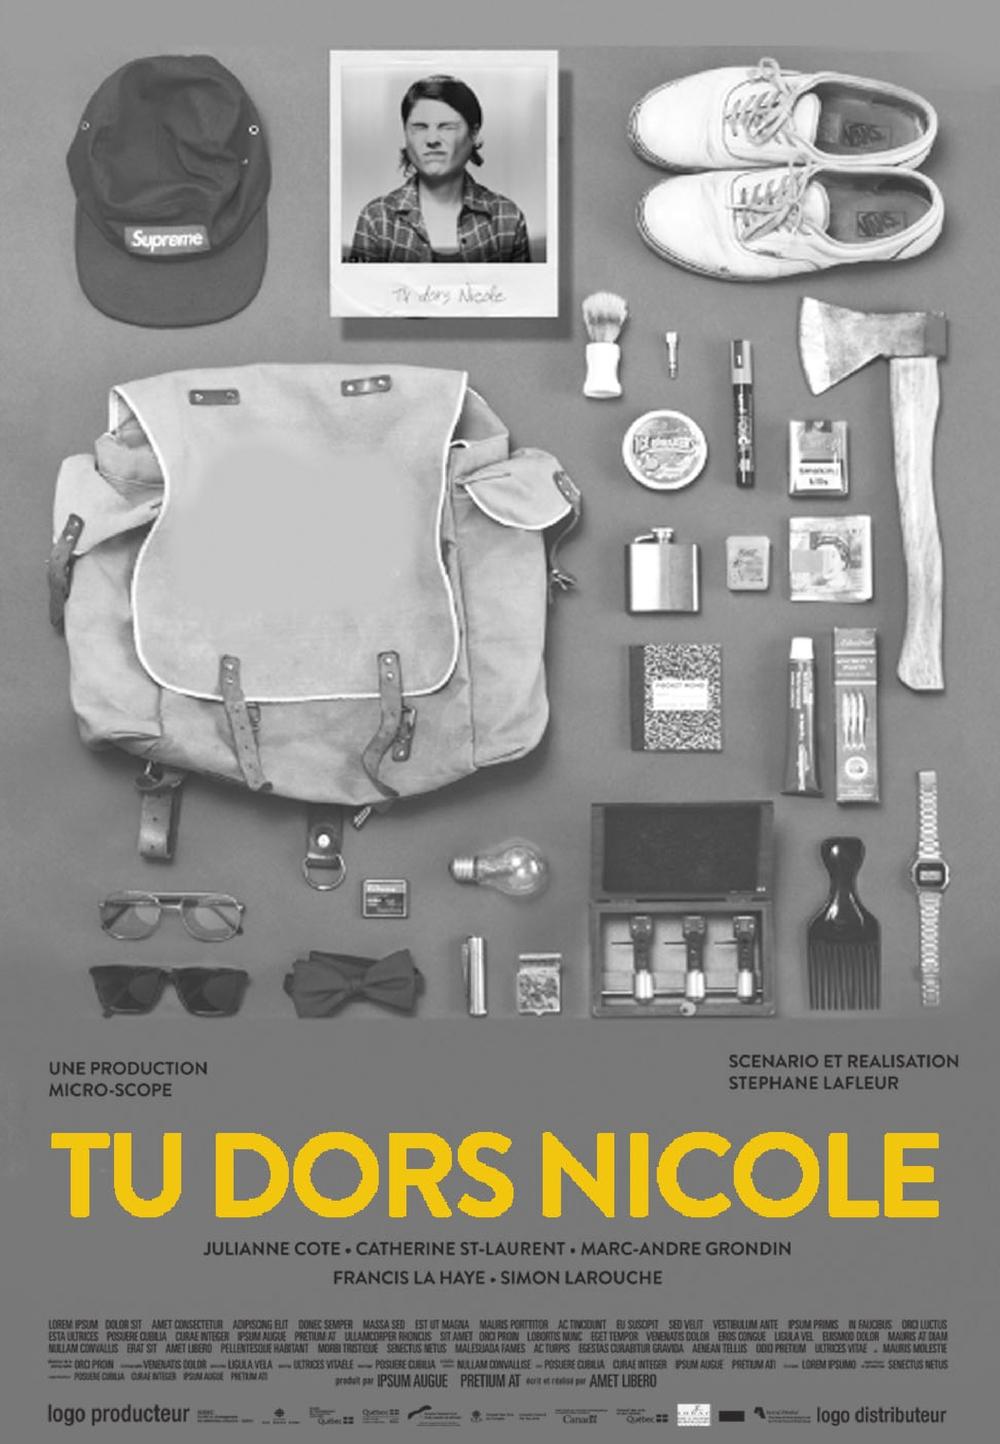 RENZO-TuDorsNicole-Poster-7fev_00015.jpg